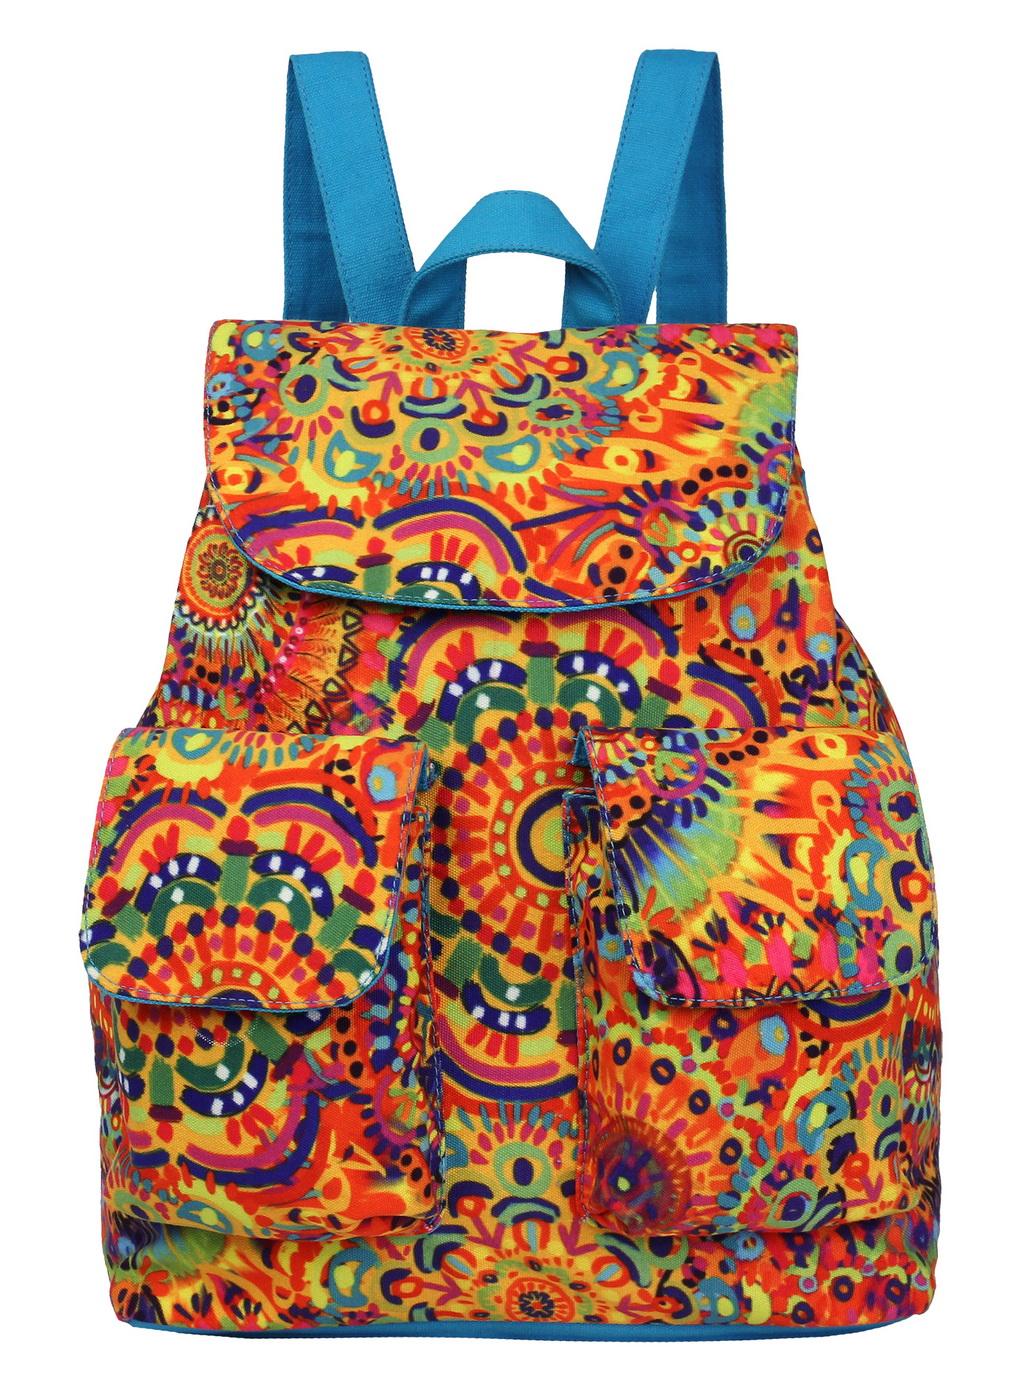 Девочки!!! Новые модели супер ярких стильных летних сумочек из хлопка! Цены очень даже приемлемые. Буду бронировать. Раздачи в конце июня.